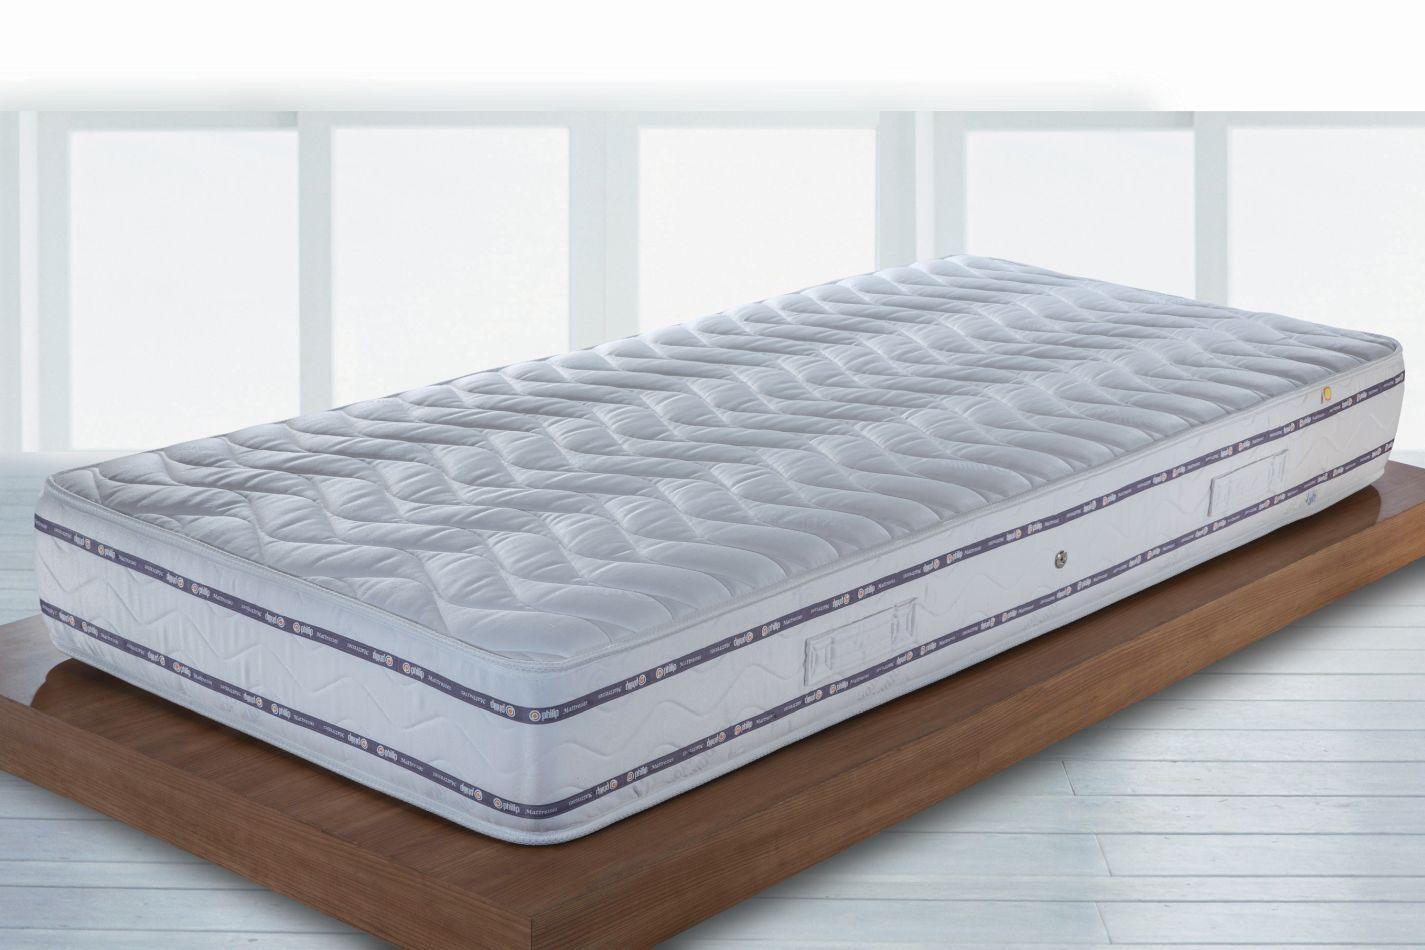 Matratze Elegance Relax mit Bonell Federkern - Abmessungen: 120 x 190 cm